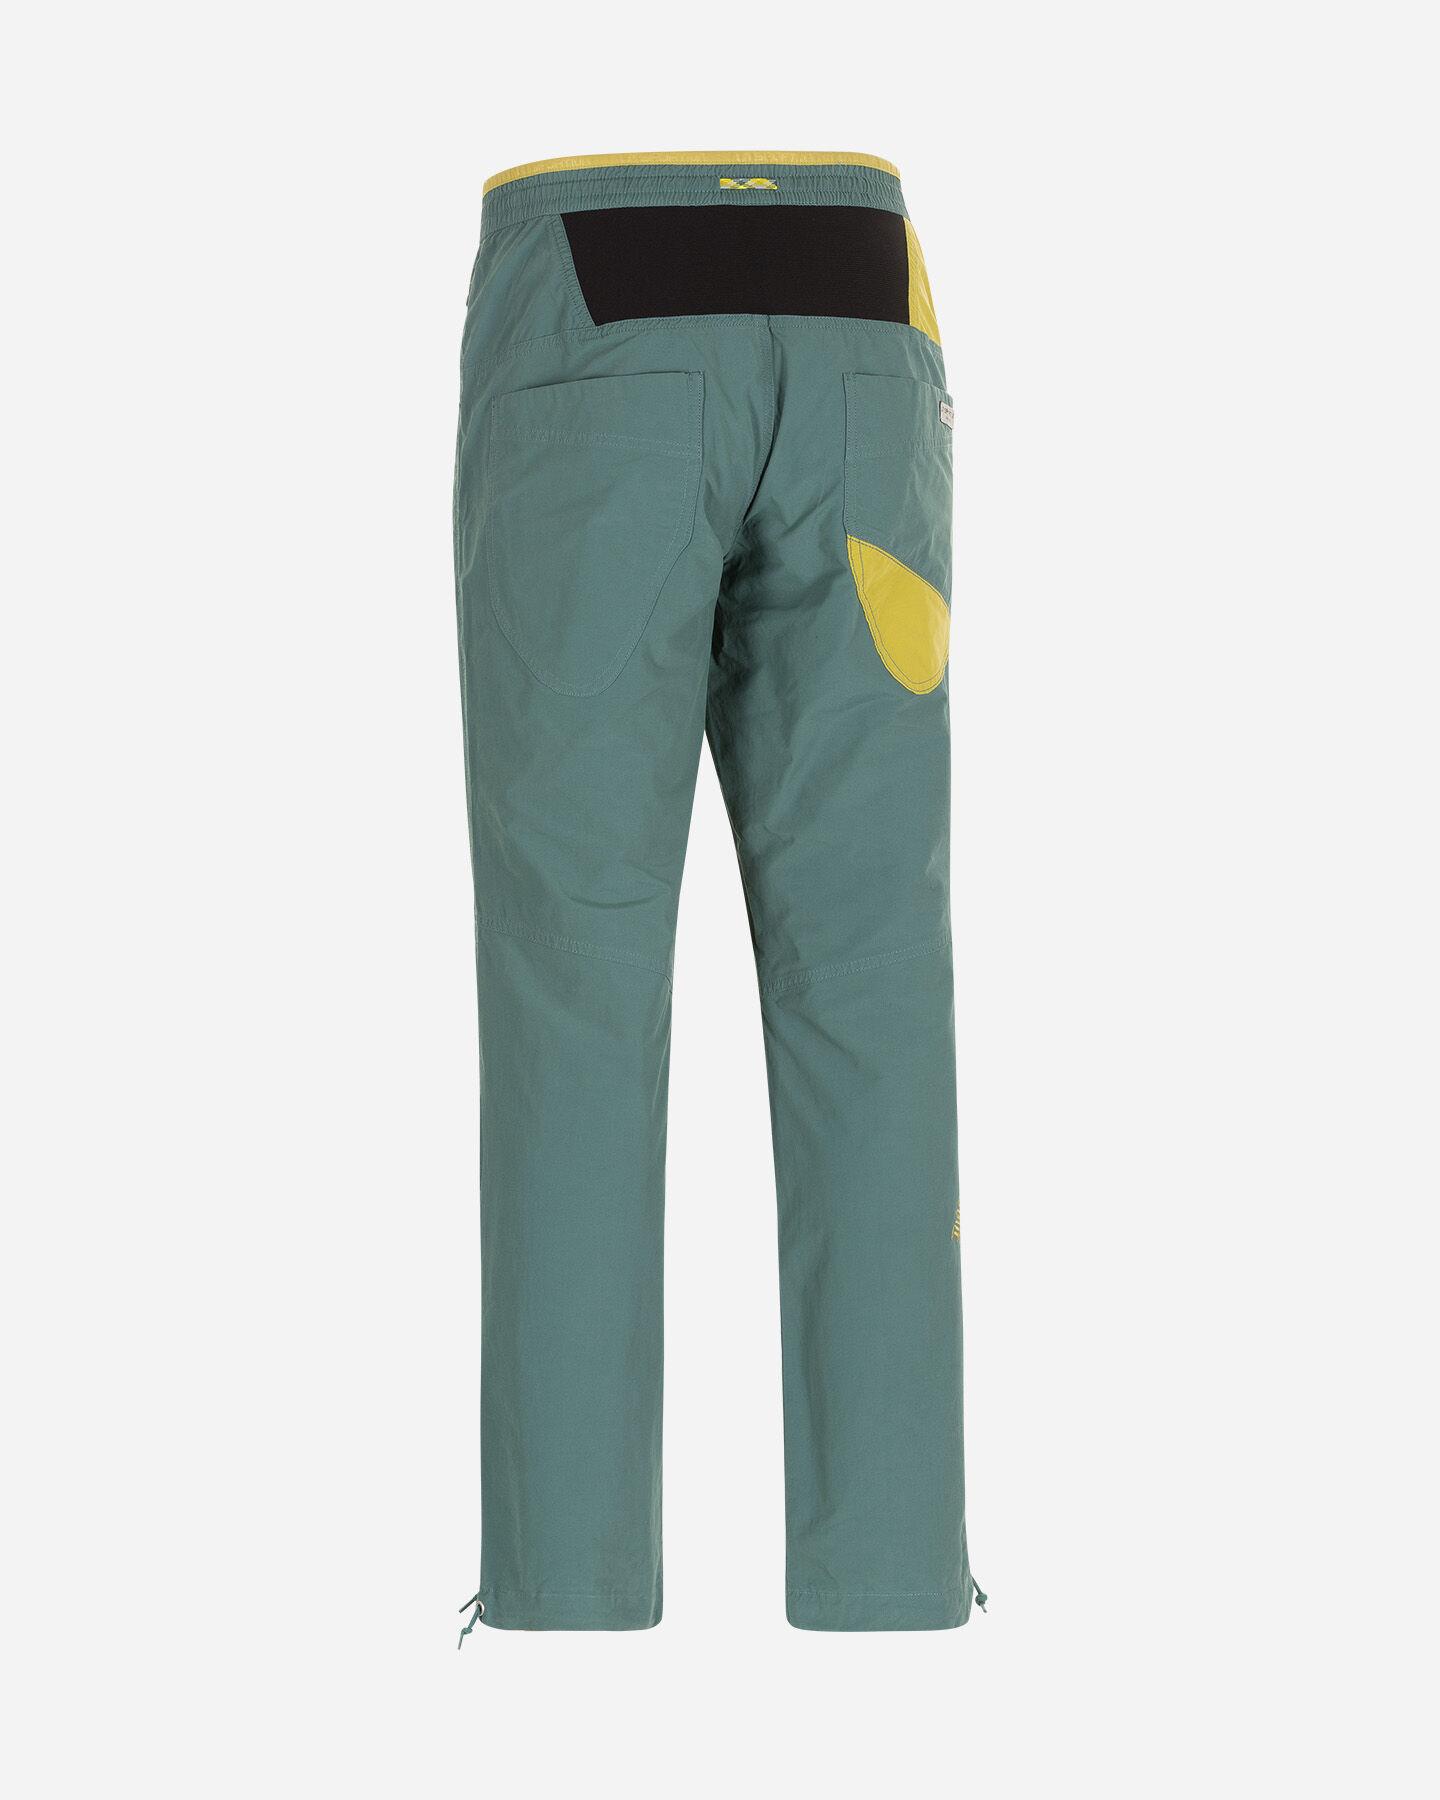 Pantalone outdoor LA SPORTIVA CRIMPER M S5198522 scatto 1